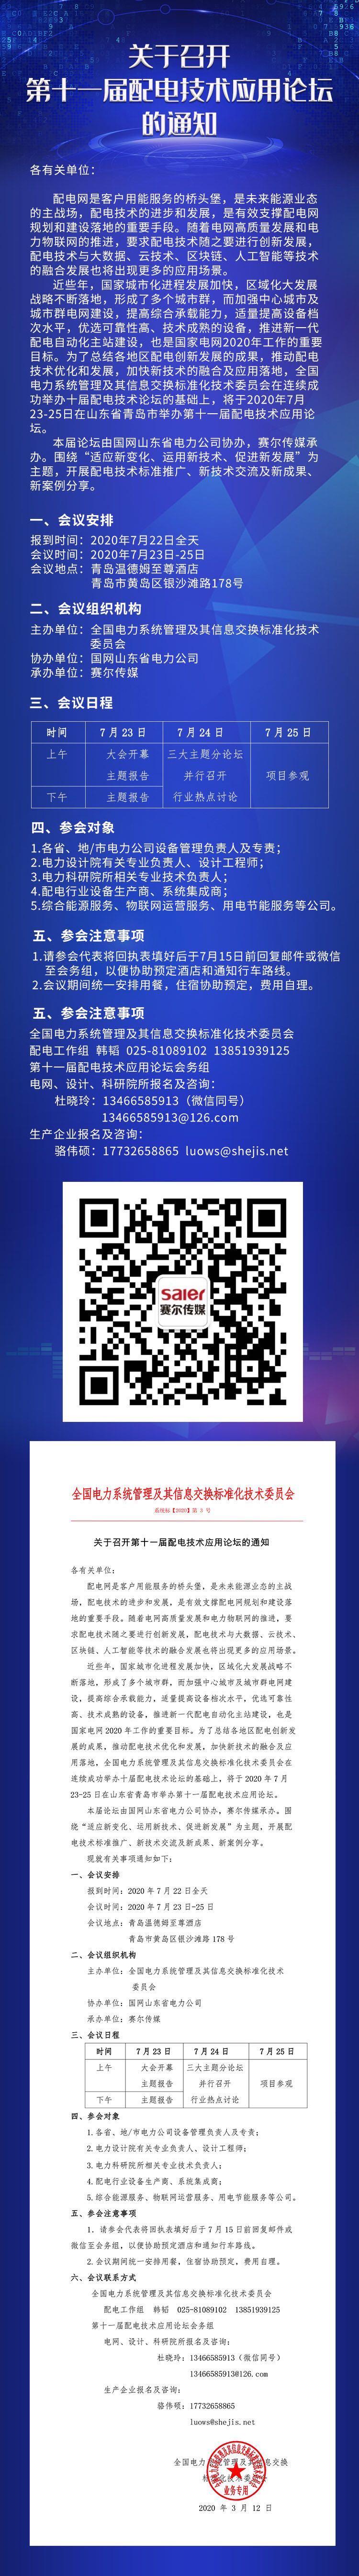 配电长图-电力微信文件(1).jpg